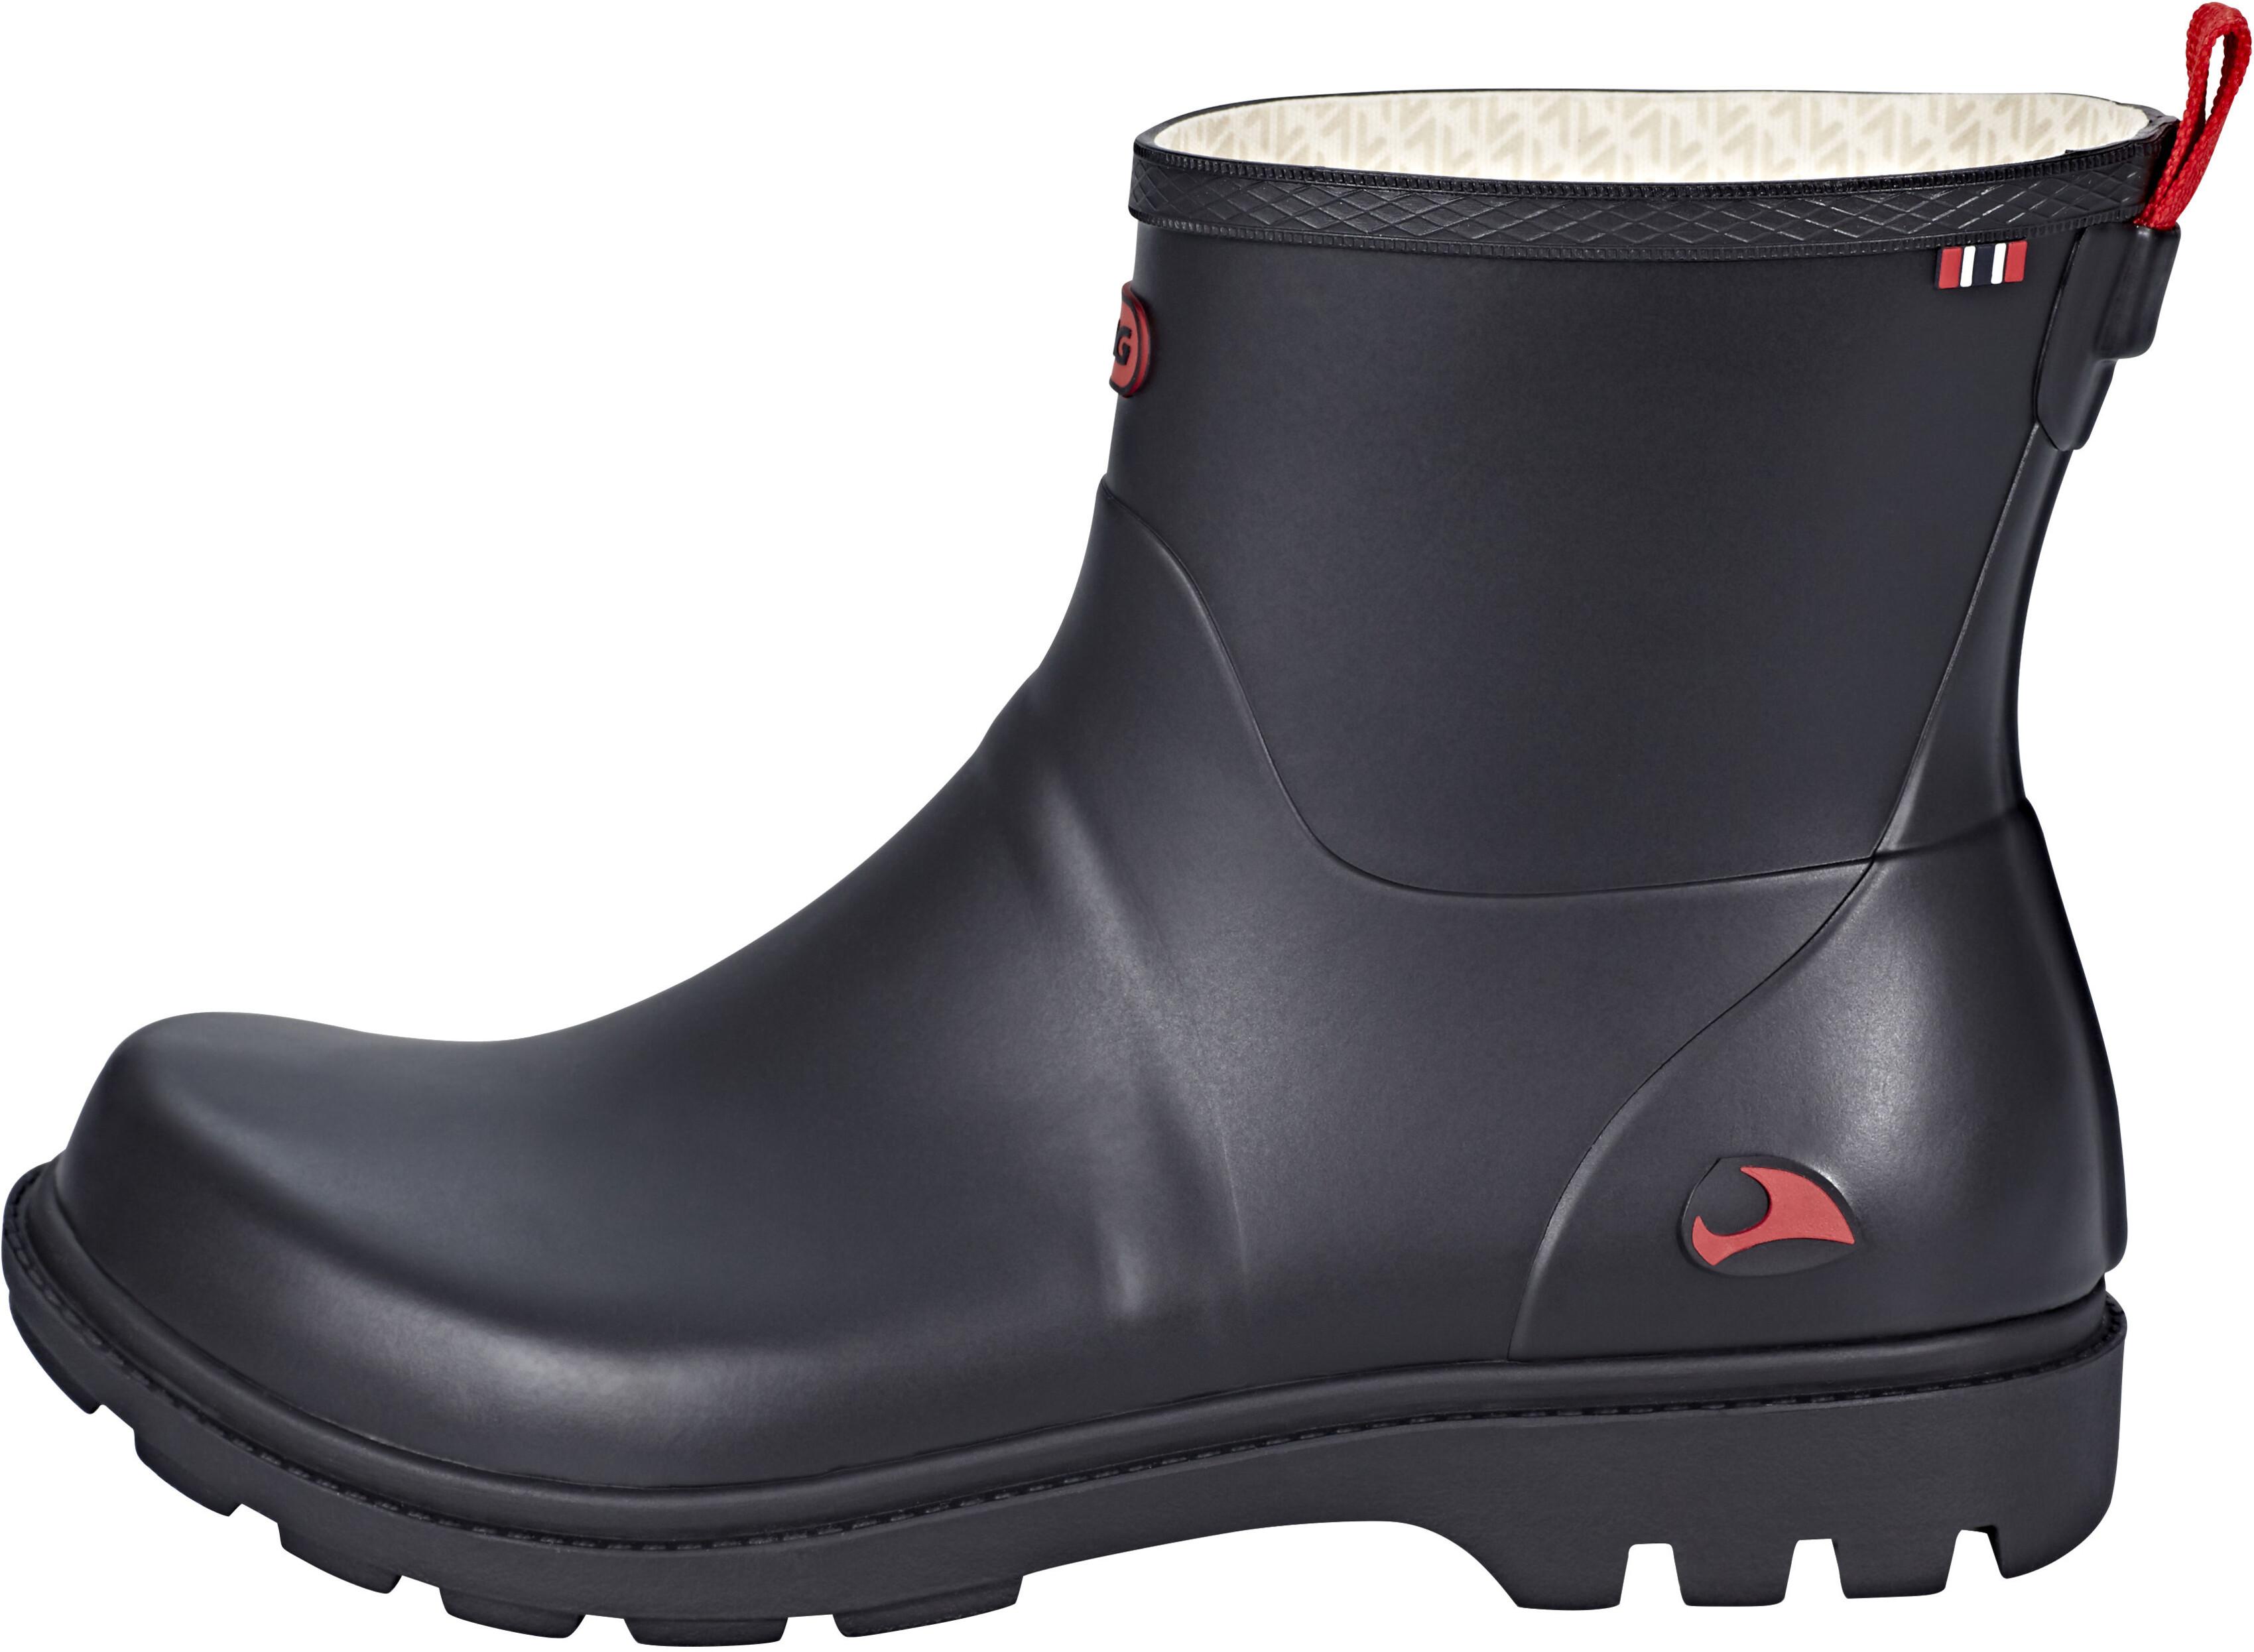 fb254e82 Viking Footwear Noble Gummistøvler Damer, black | Find outdoortøj ...